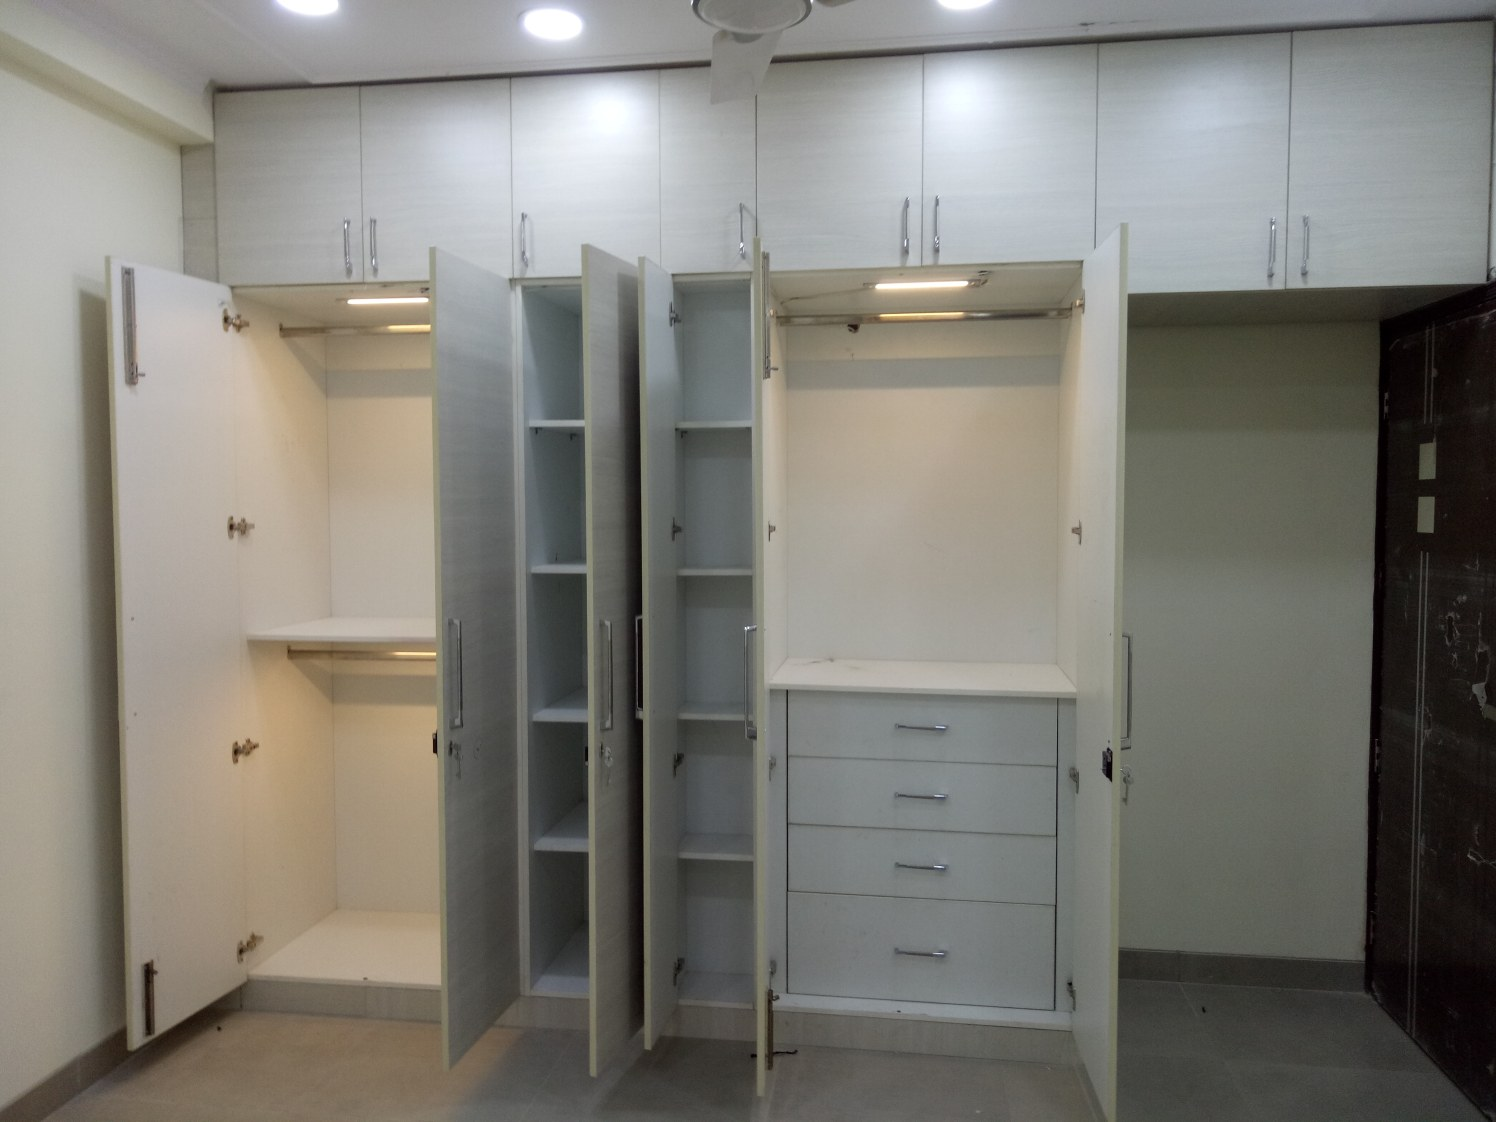 Bedroom Cabinet Closet by Amit Sharma  Indoor-spaces Contemporary | Interior Design Photos & Ideas